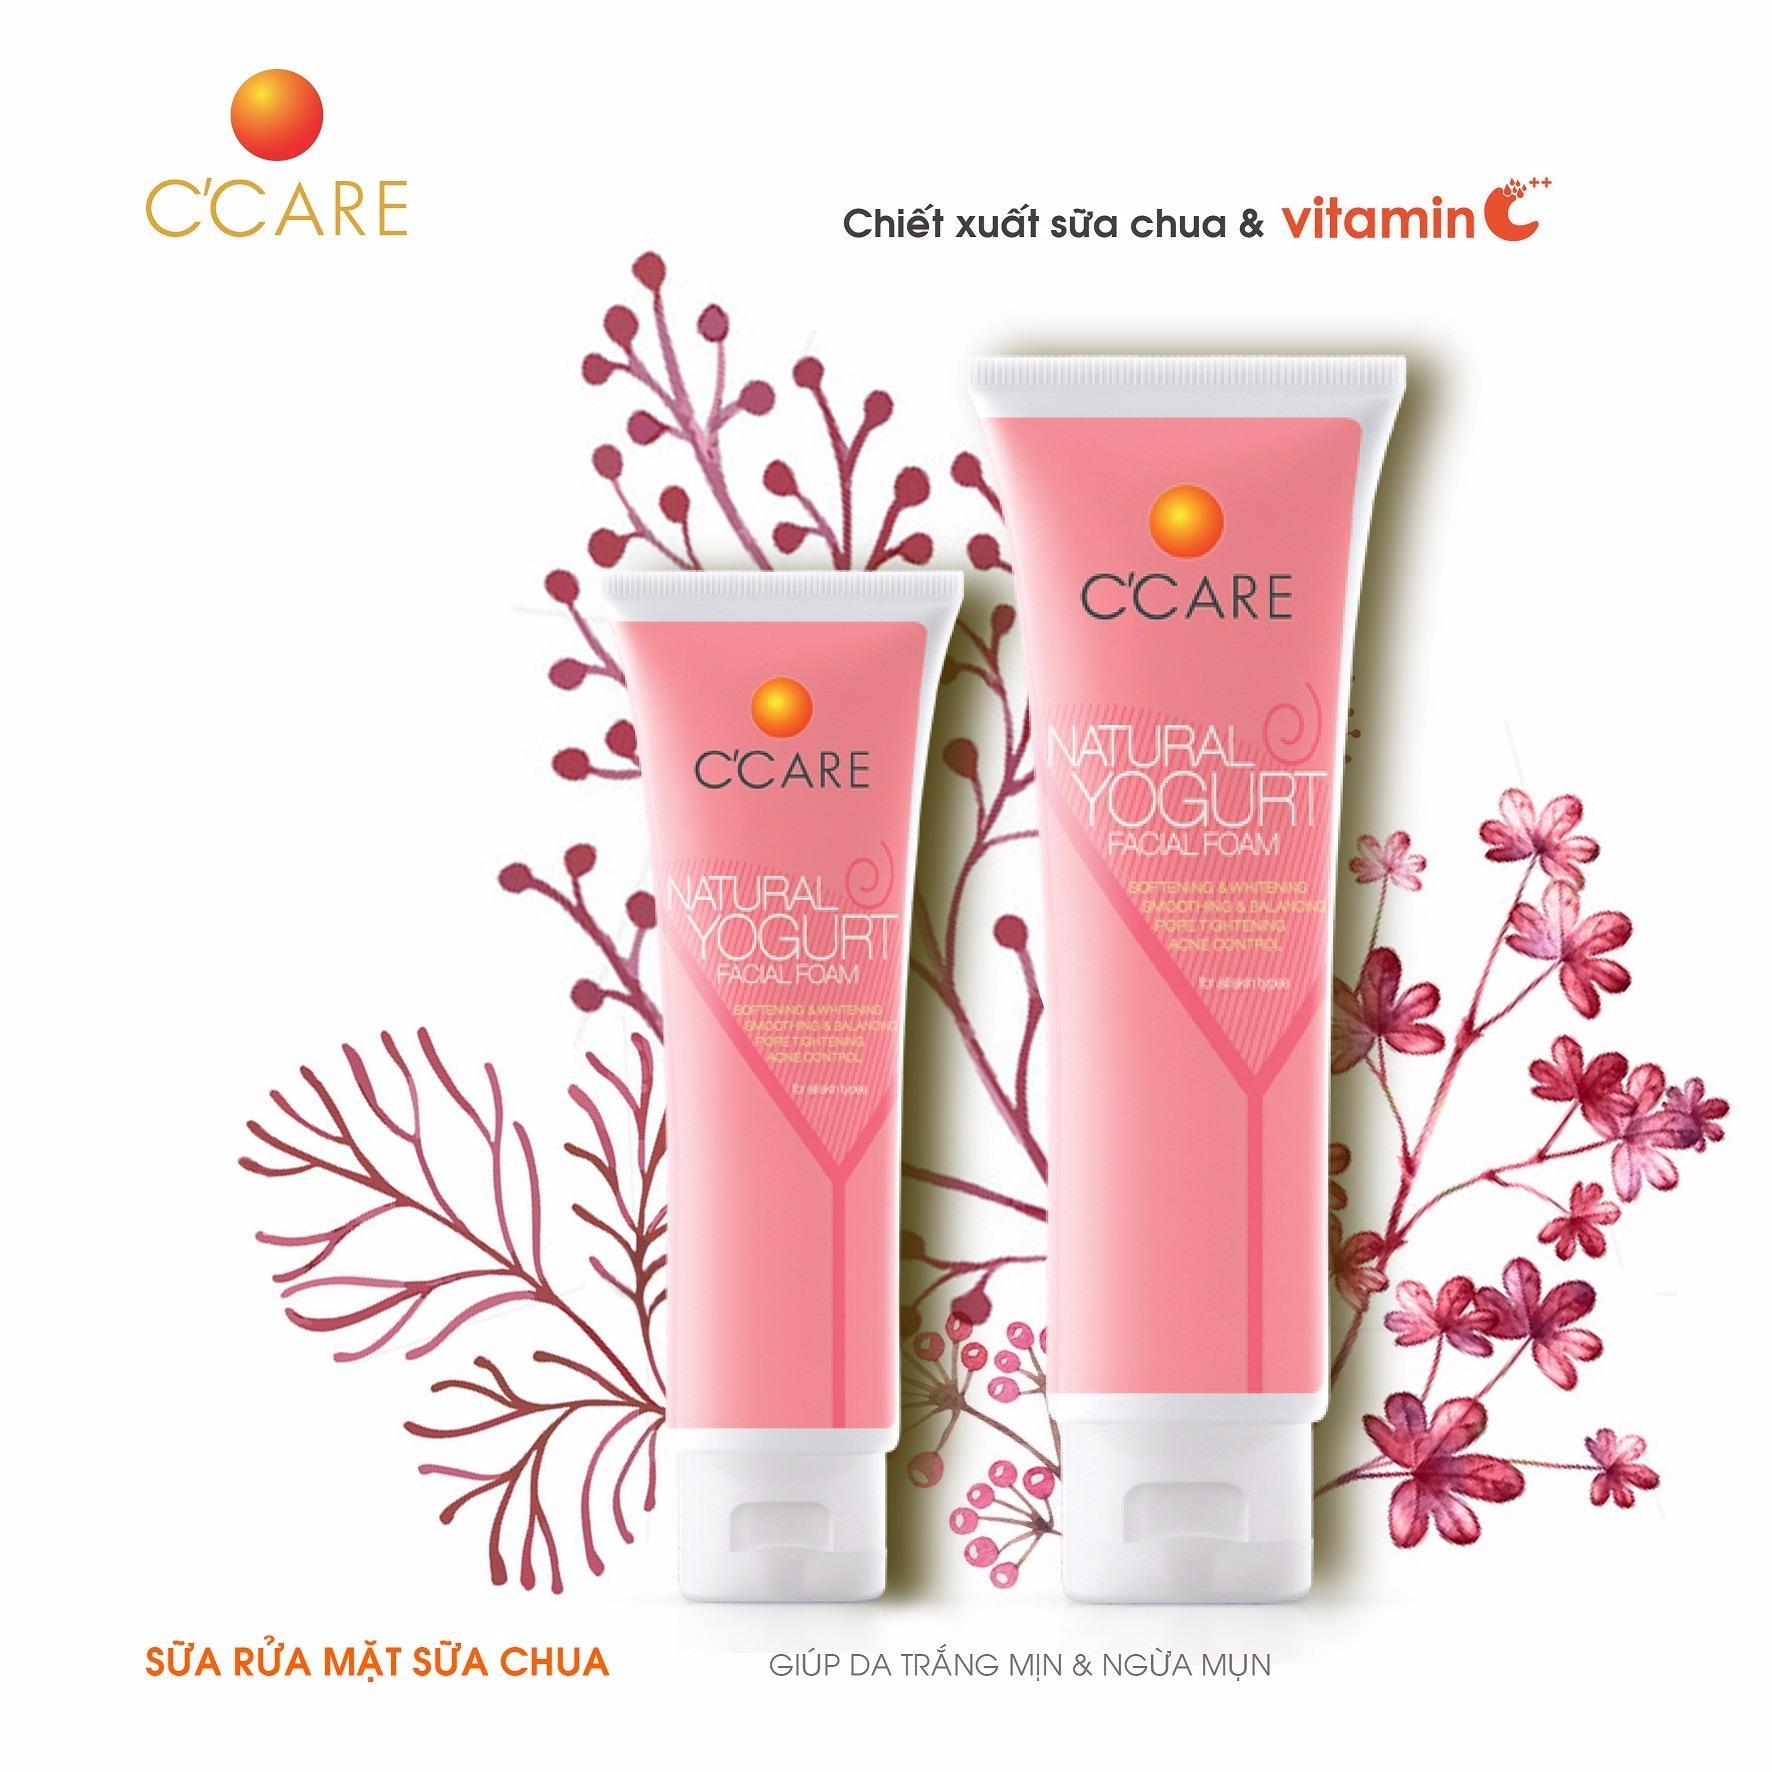 Hình ảnh C'Care Sữa rửa mặt Sữa chua 50g - Chiết xuất sữa chua và Vitamin C